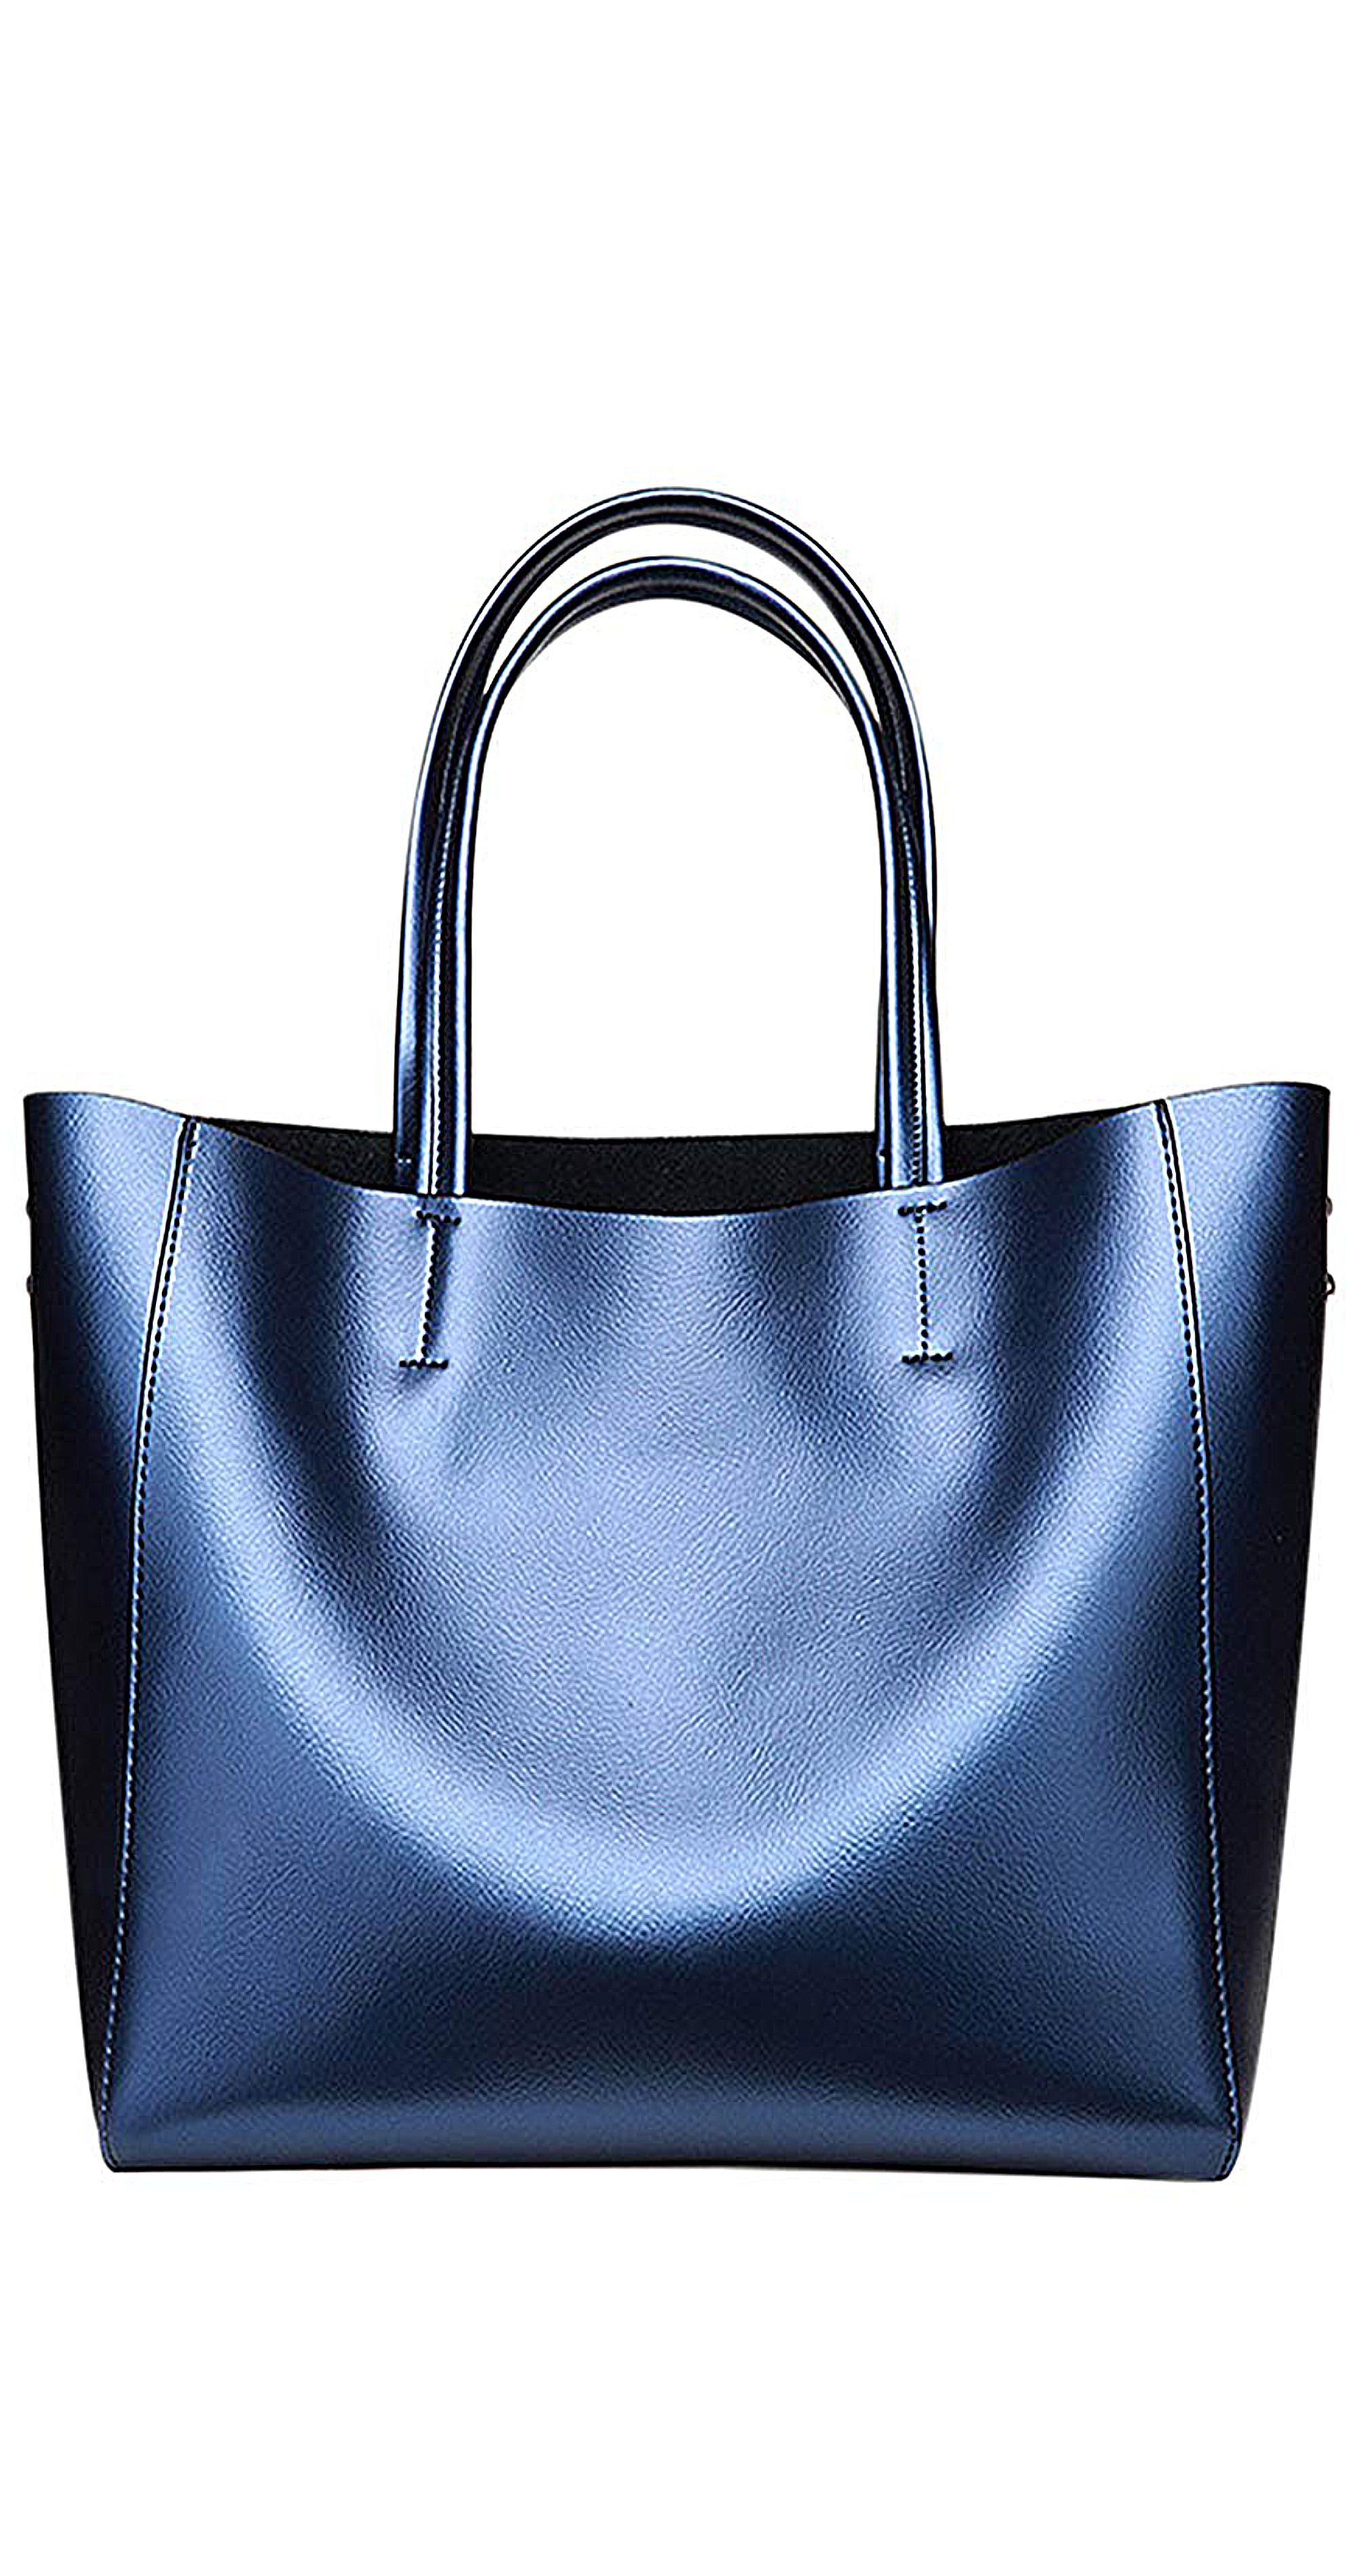 bb27f5d3f3ff Anynow Luxurious Women s Genuine Leather Handbag Fashion Cowhide Shoulder  Bag Ladies Tote Bag Woman s fashion bags